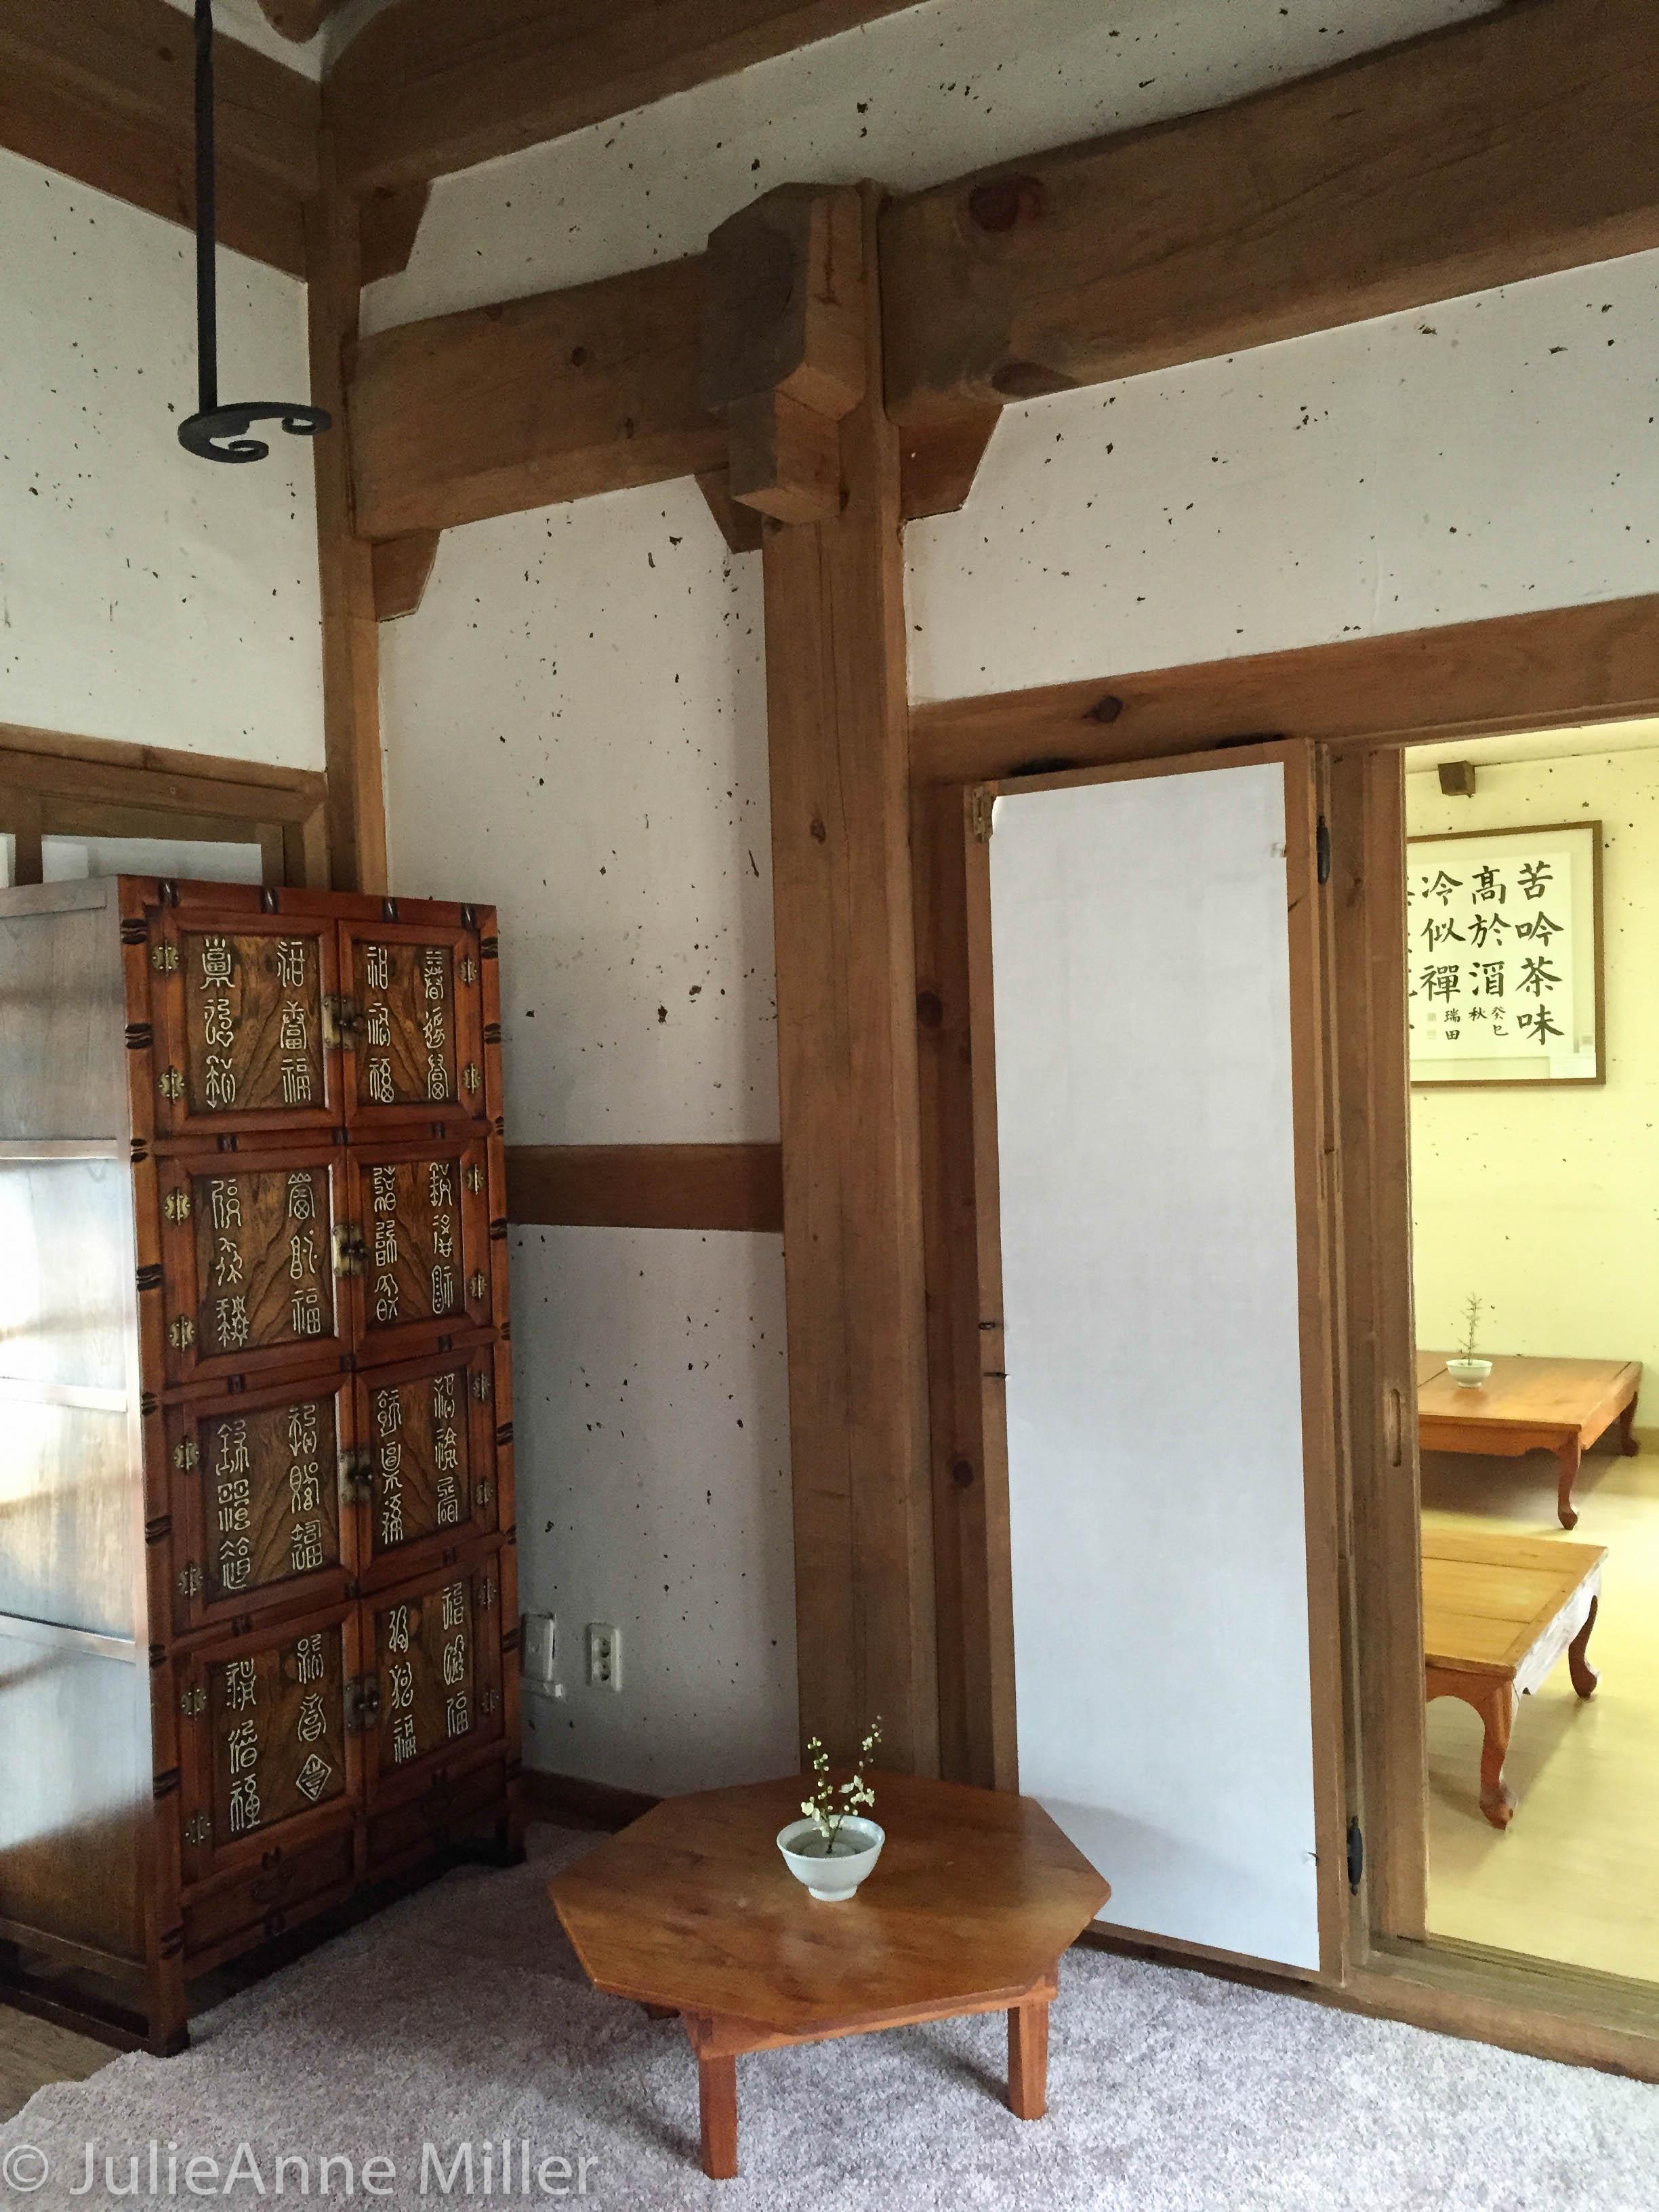 Suncheon Tea House, South Korea